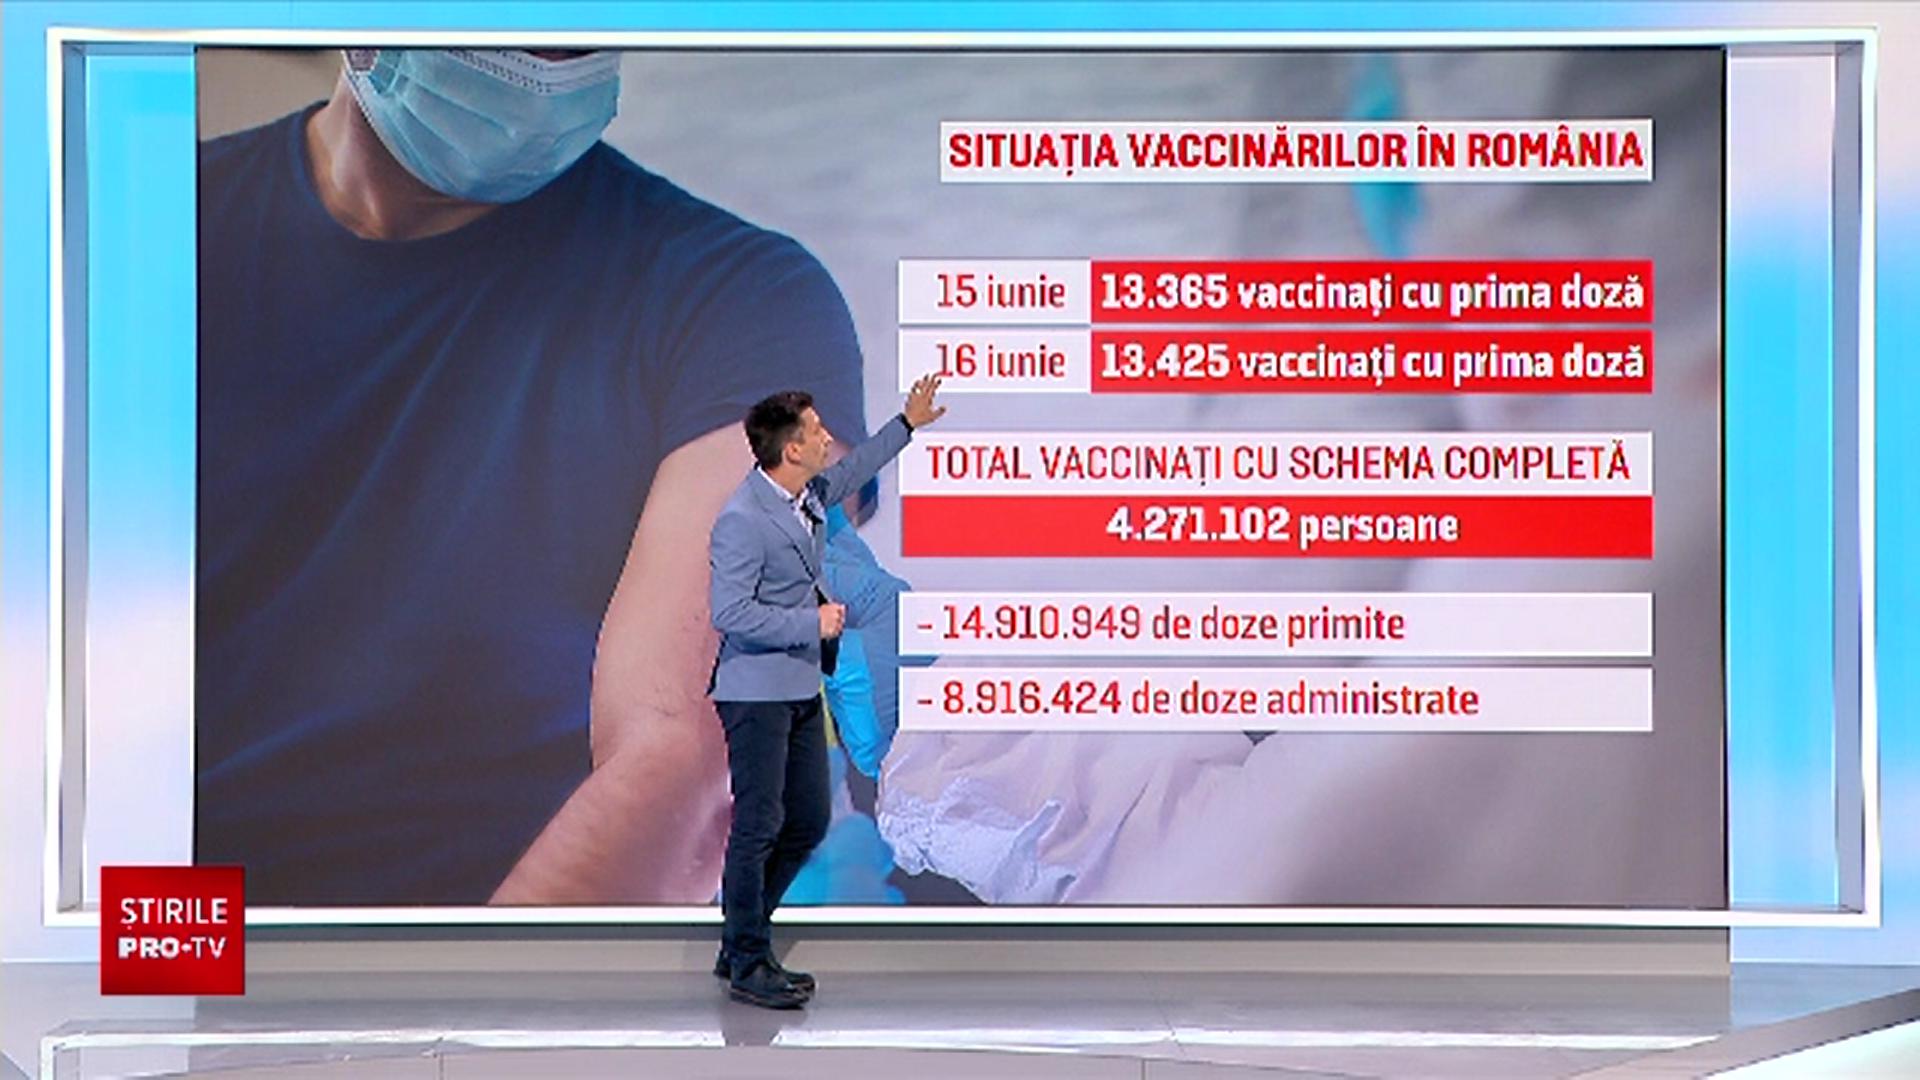 România are mai multe doze de ser anti-COVID decât doritori. Guvernul a aprobat OUG pentru revânzarea vaccinurilor